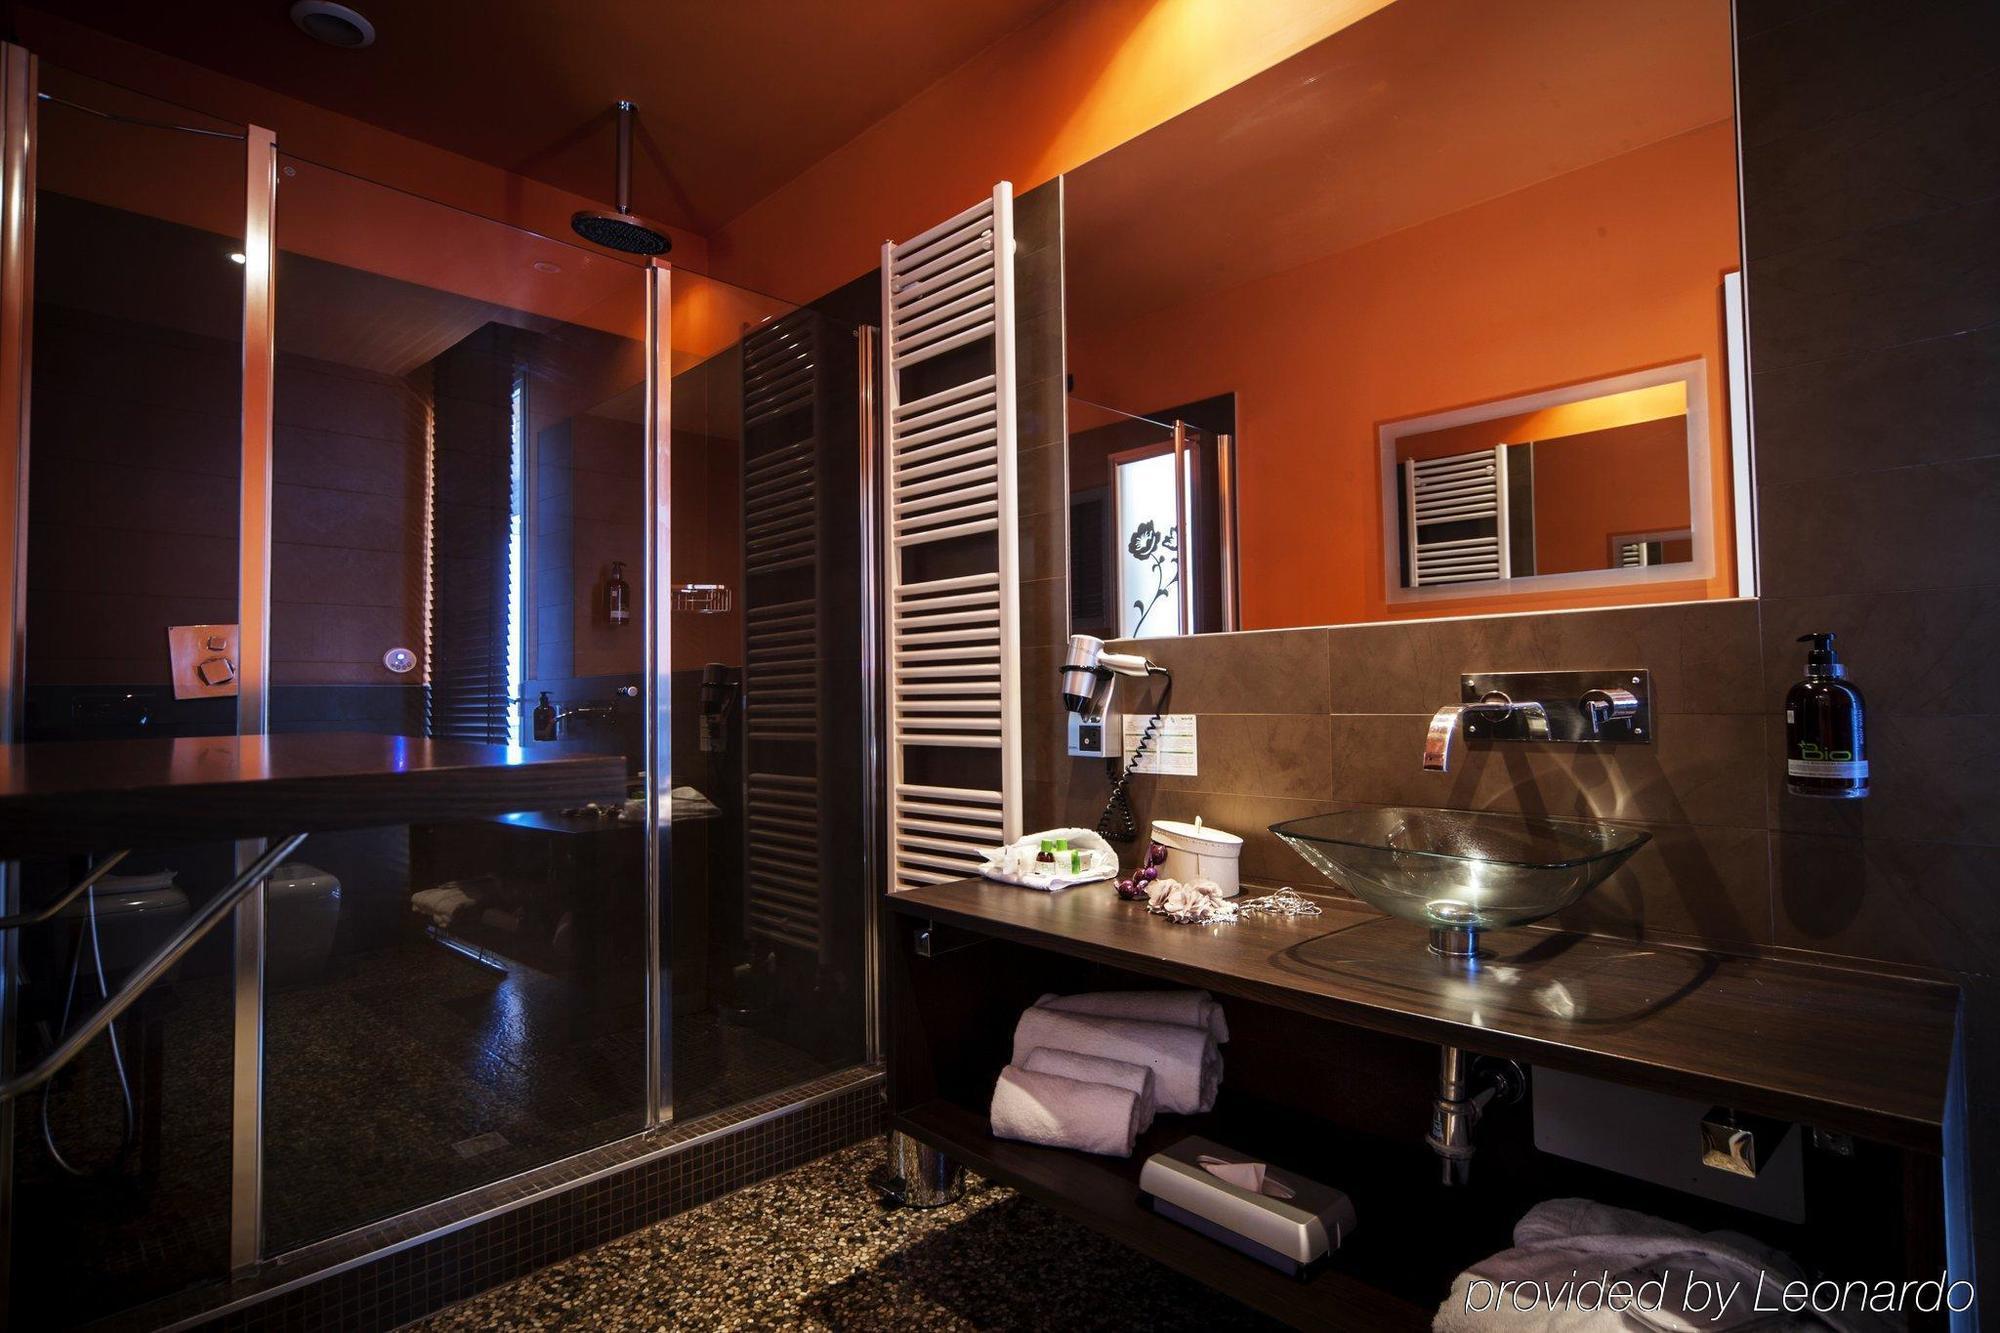 Alloro Suite Hotel, hotel di lusso a pochi passi dal centro di Bologna